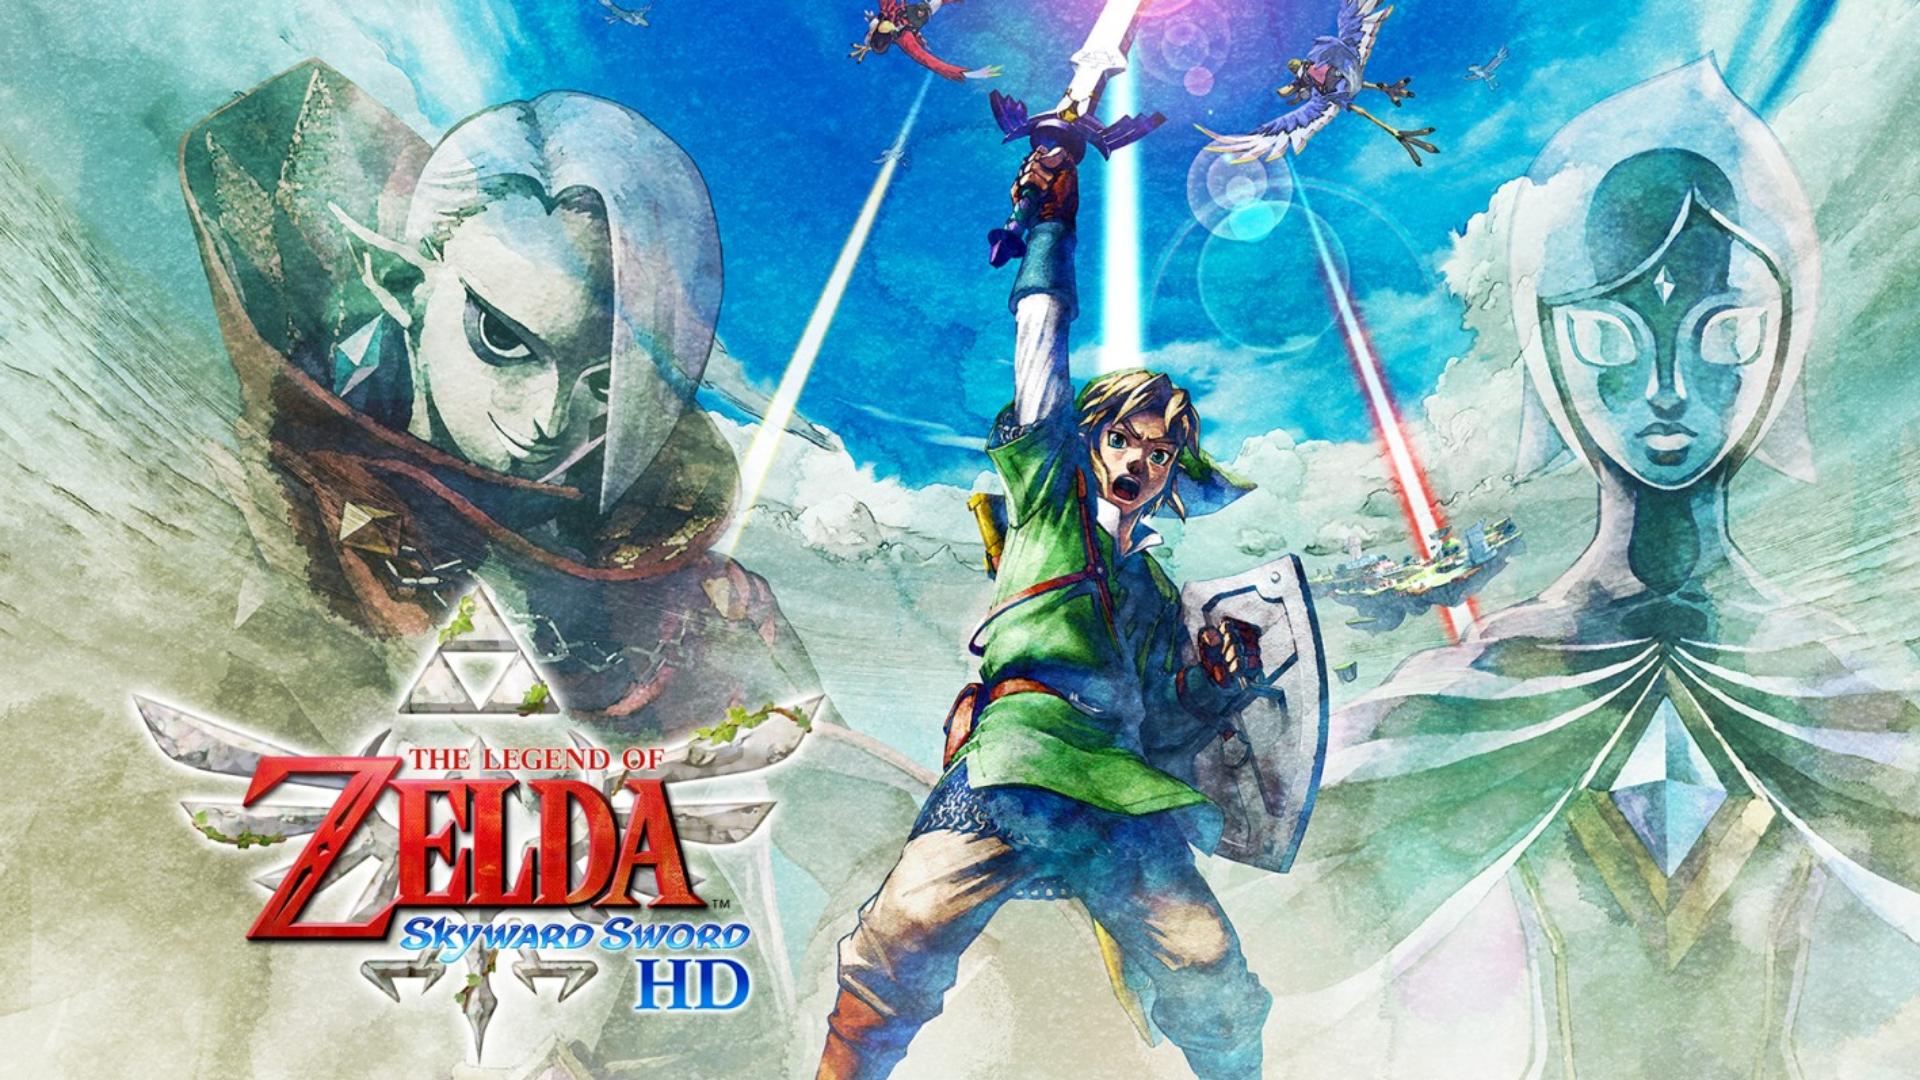 Nintendo - The Legend of Zelda Skyward Sword HD